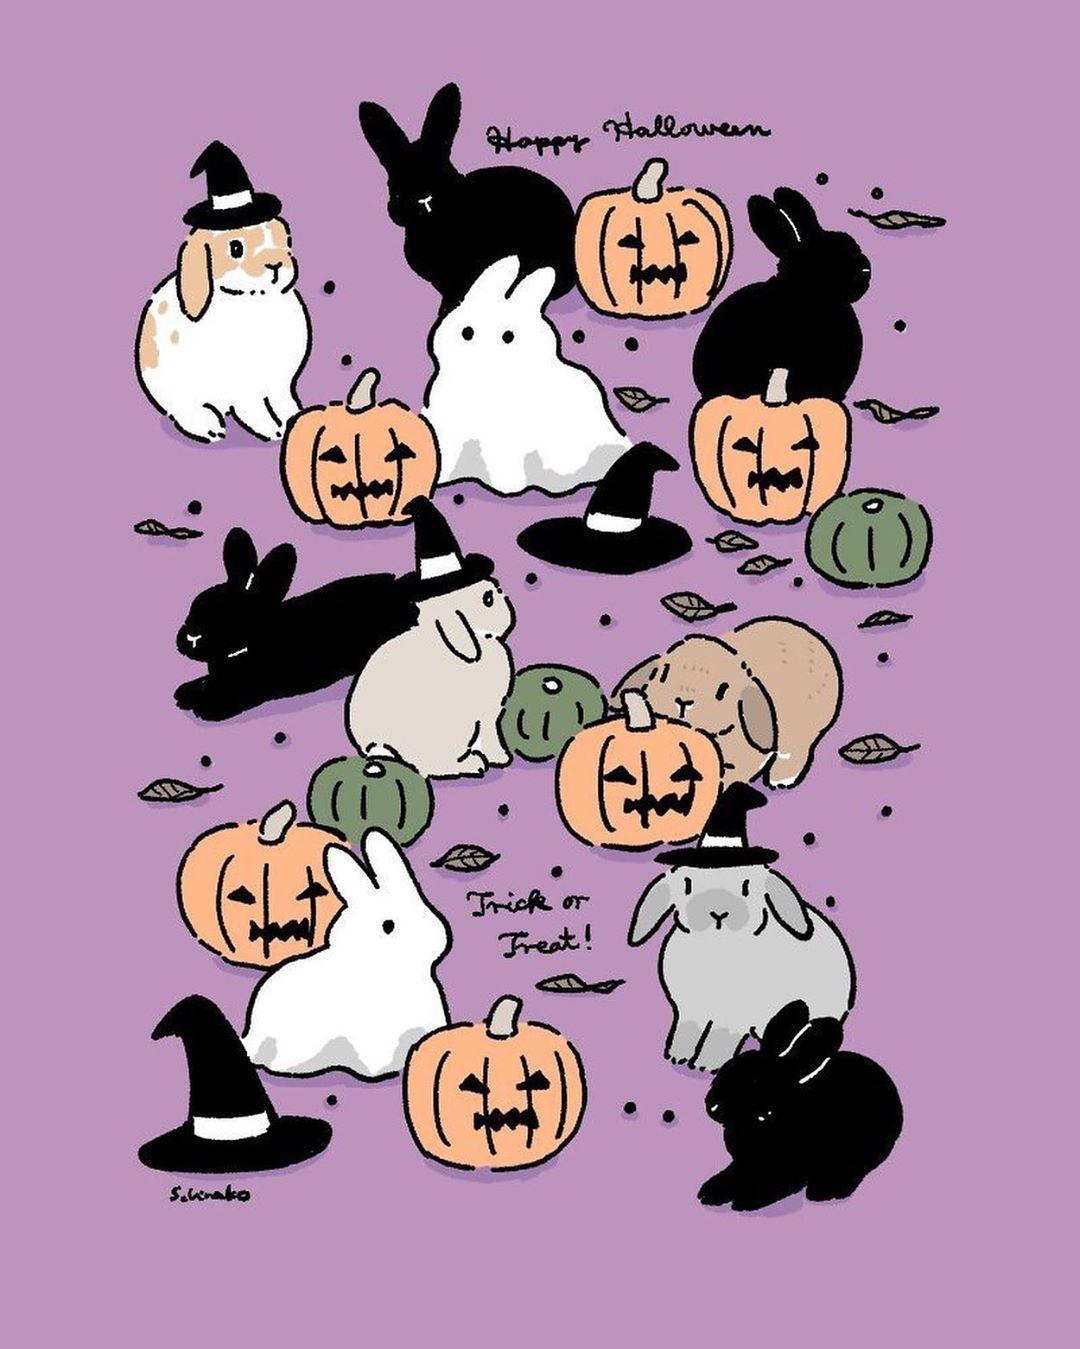 """森山標子/Schinako on Instagram: """"Day 21 #Halloween rabbits #ハロウィン のうさぎさんたち #inktober #Inktober2019 * #illustration#art#drawing#design#acrylicpaint#アクリル絵の具#rabbit#bunny#うさぎ"""""""